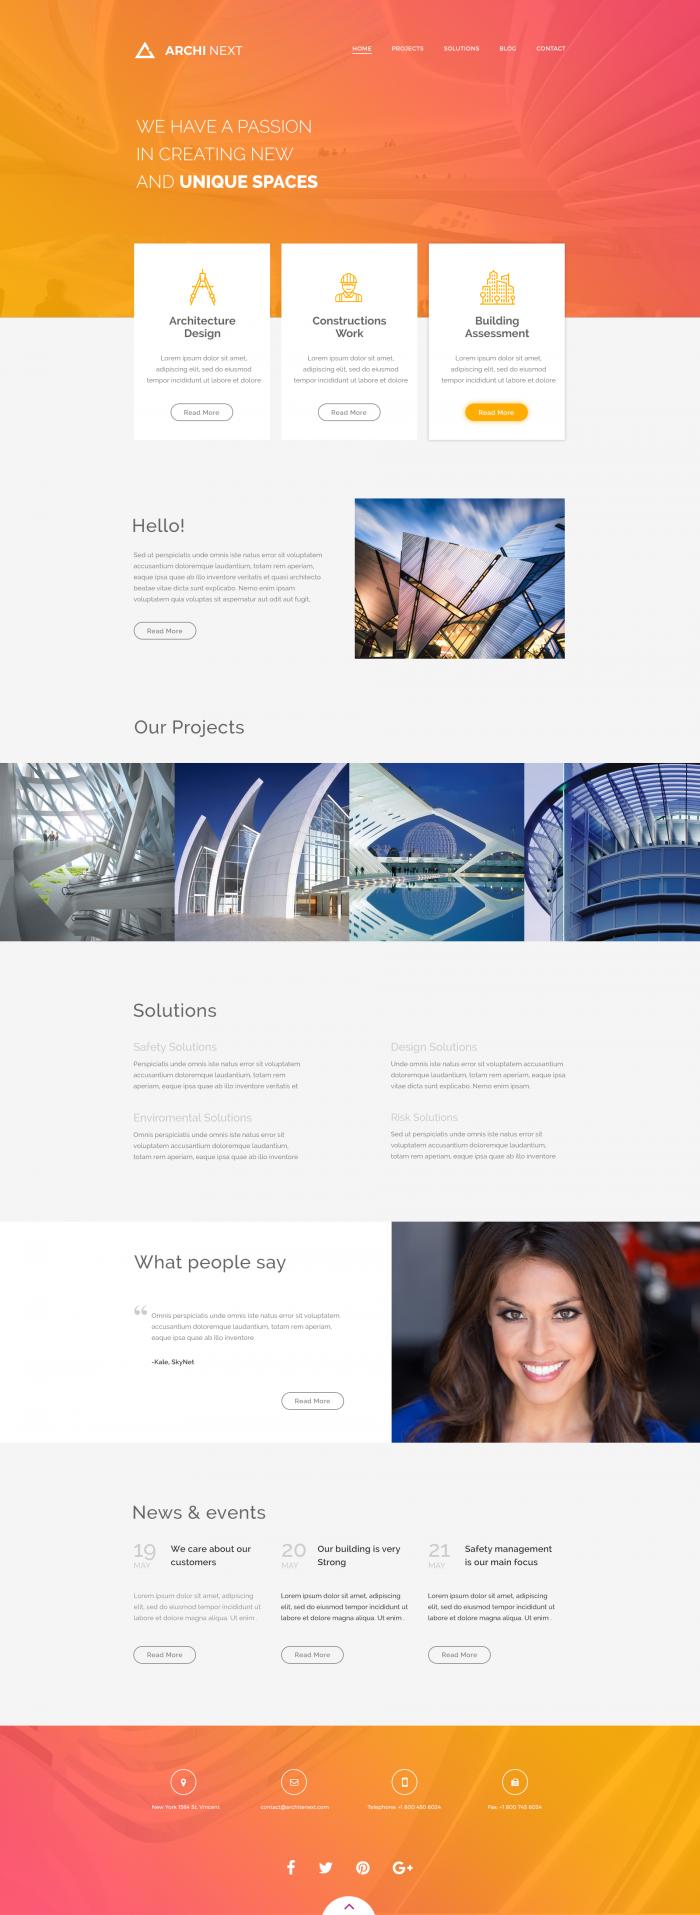 Шаблон сайта Archi Next (.Psd) скачать бесплатно